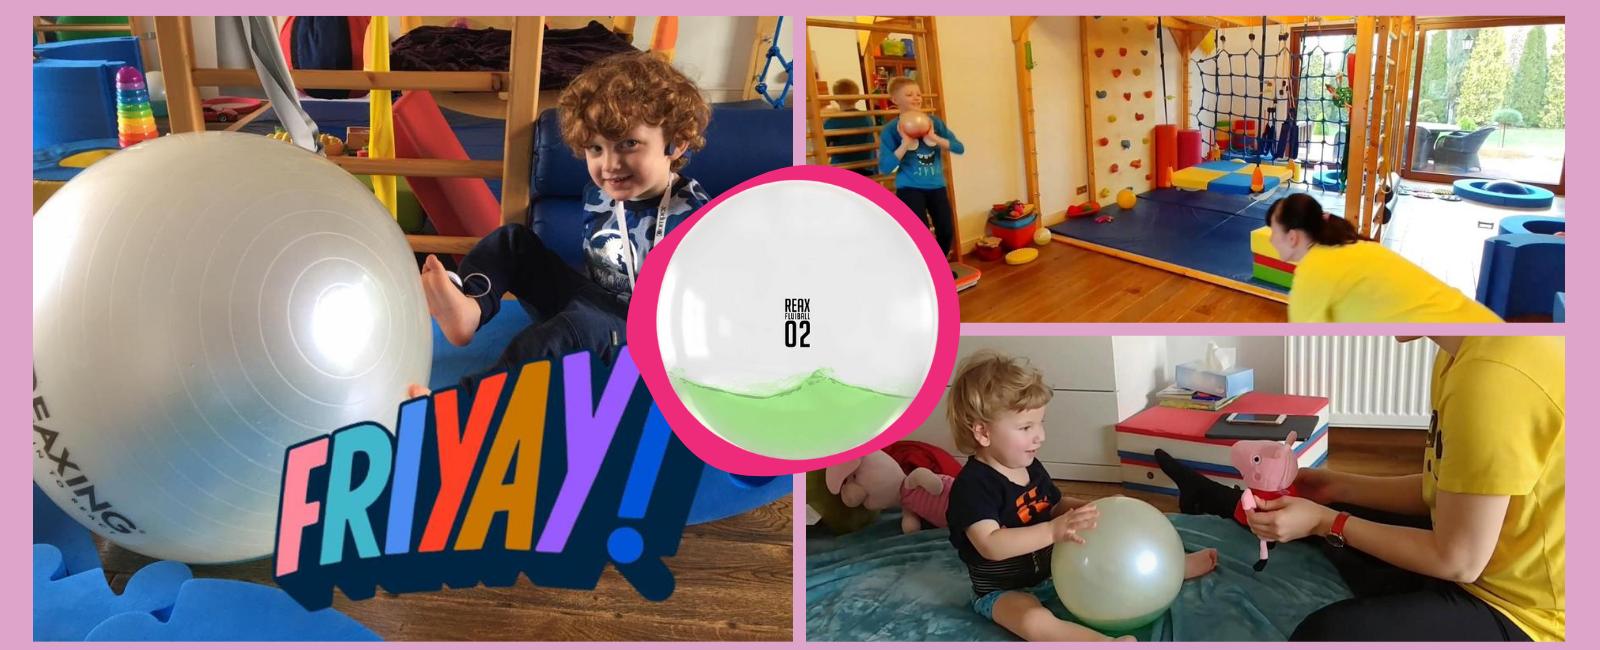 Reax Fluiball Kreatywne Pilki Do Rehabilitacji Dzieci.jpg